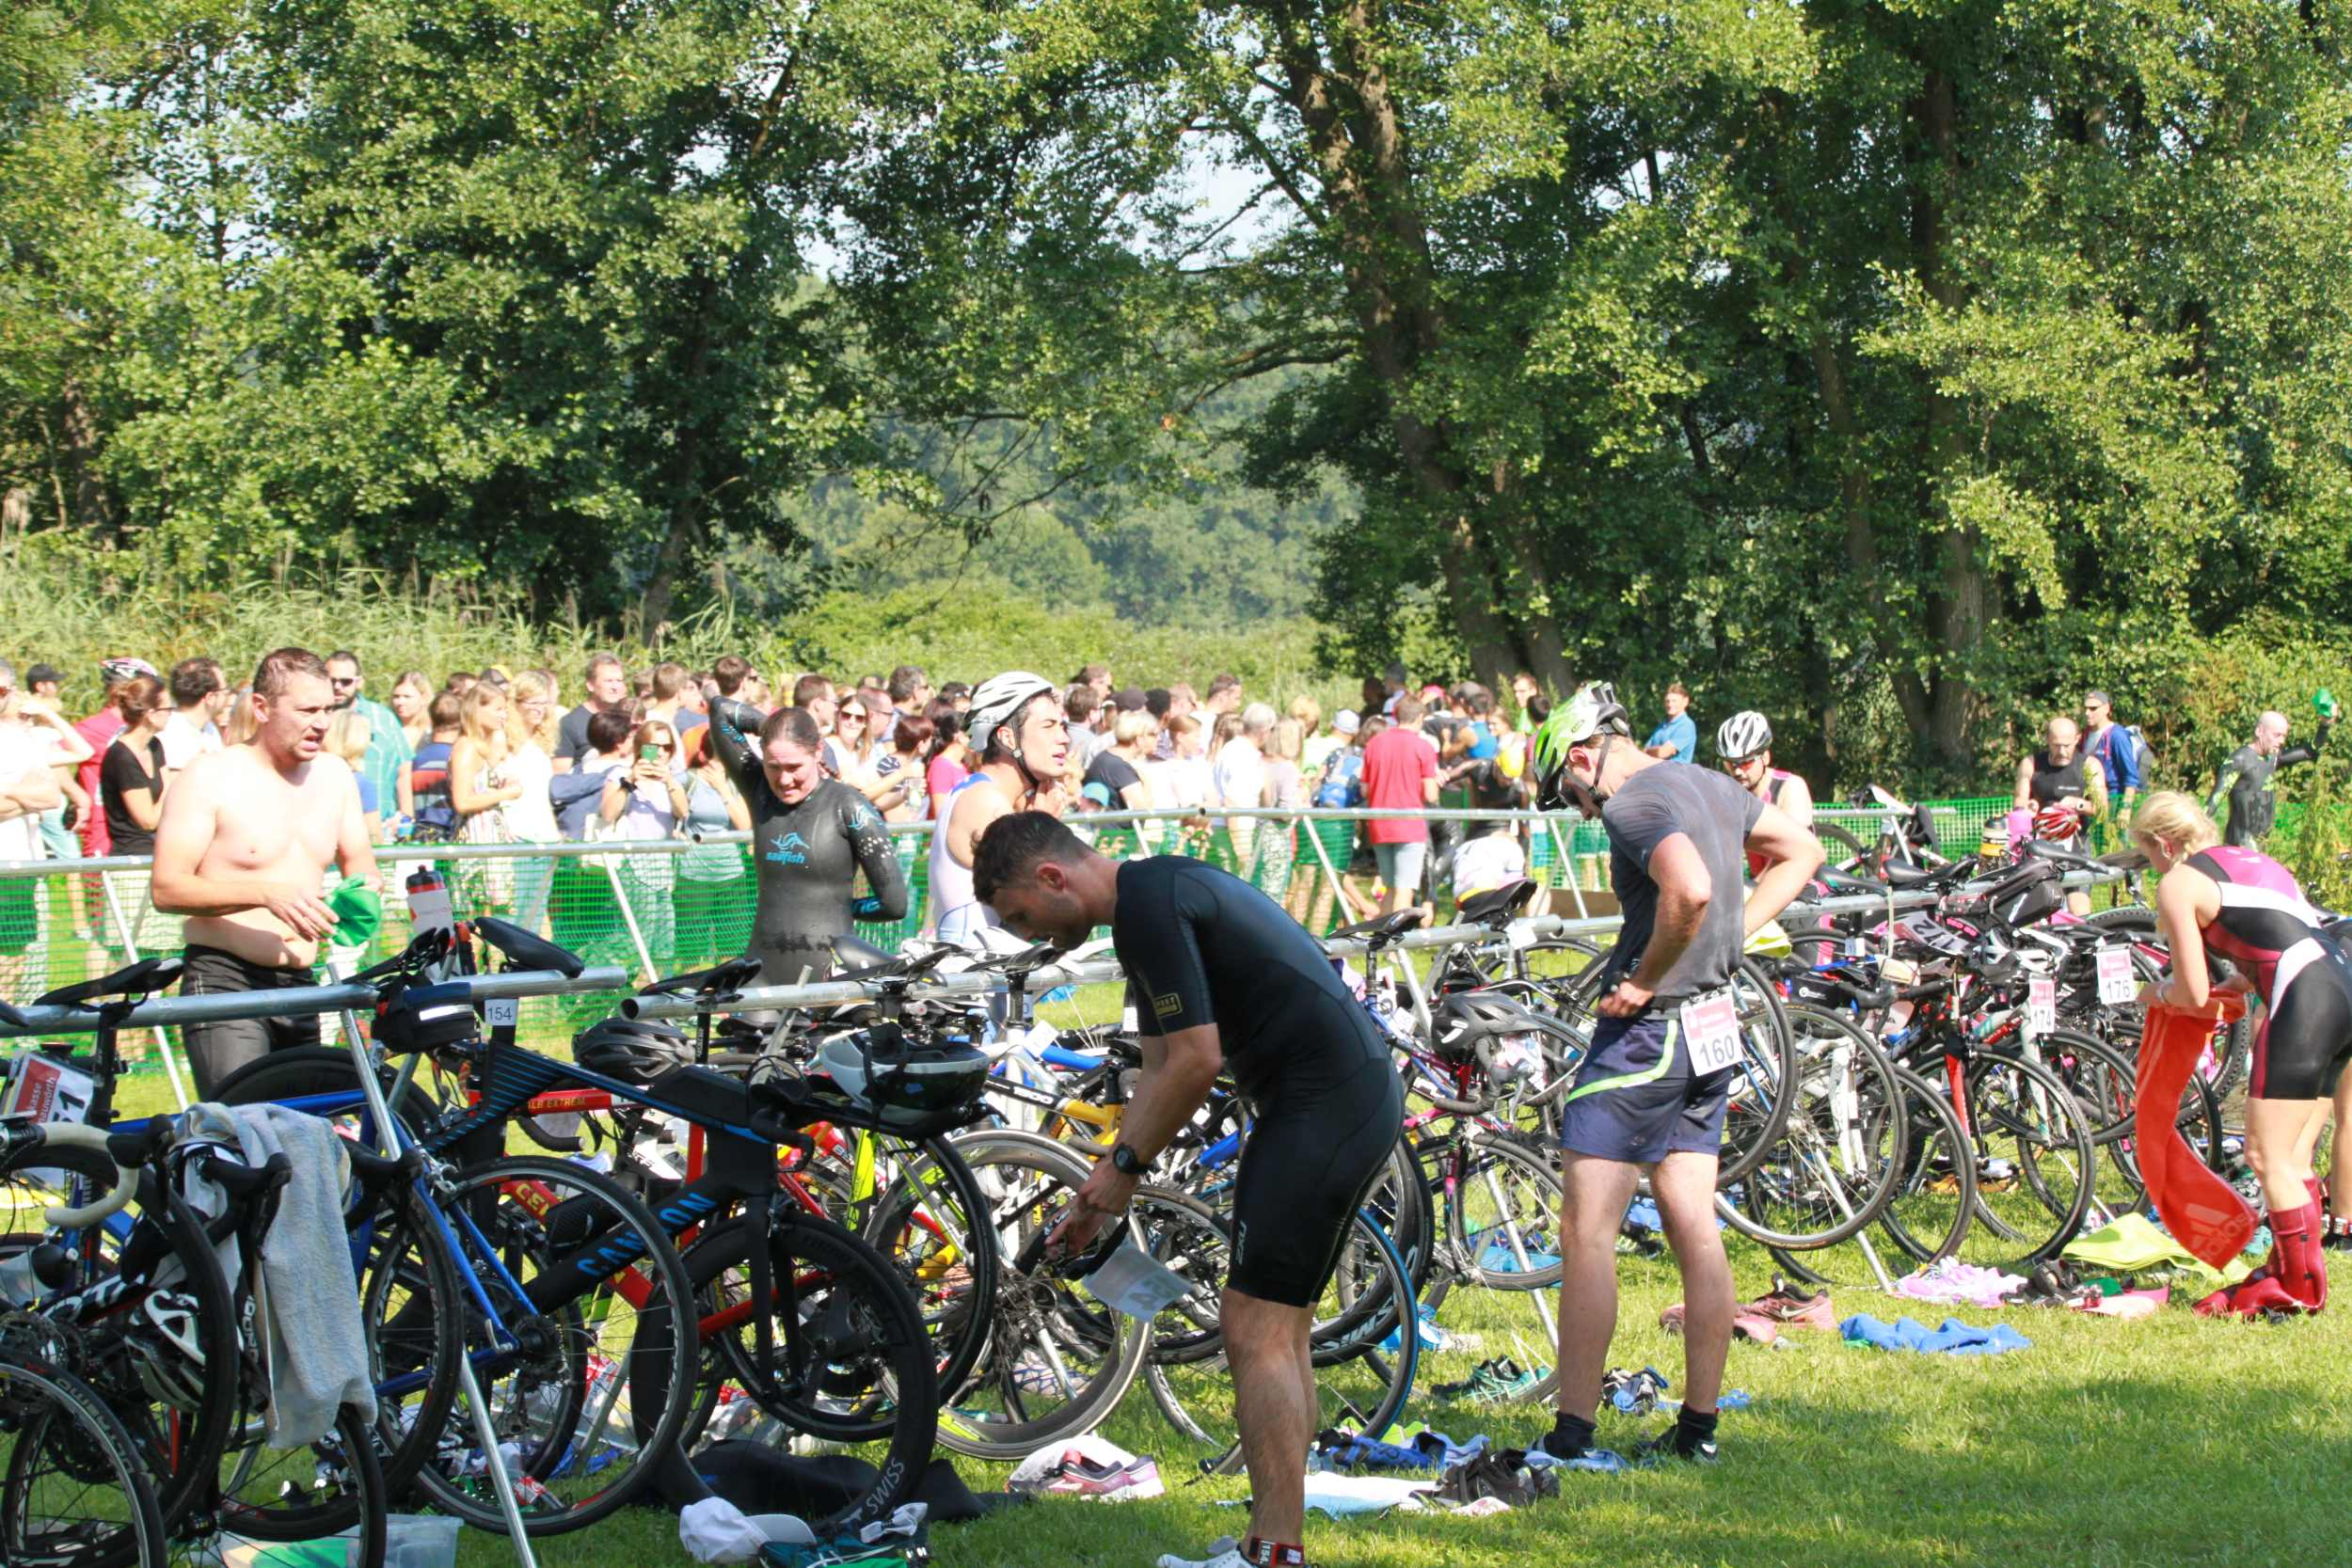 Ergebnisse und erste Bilder vom 31. Oettinger Triathlon sind Online!!!